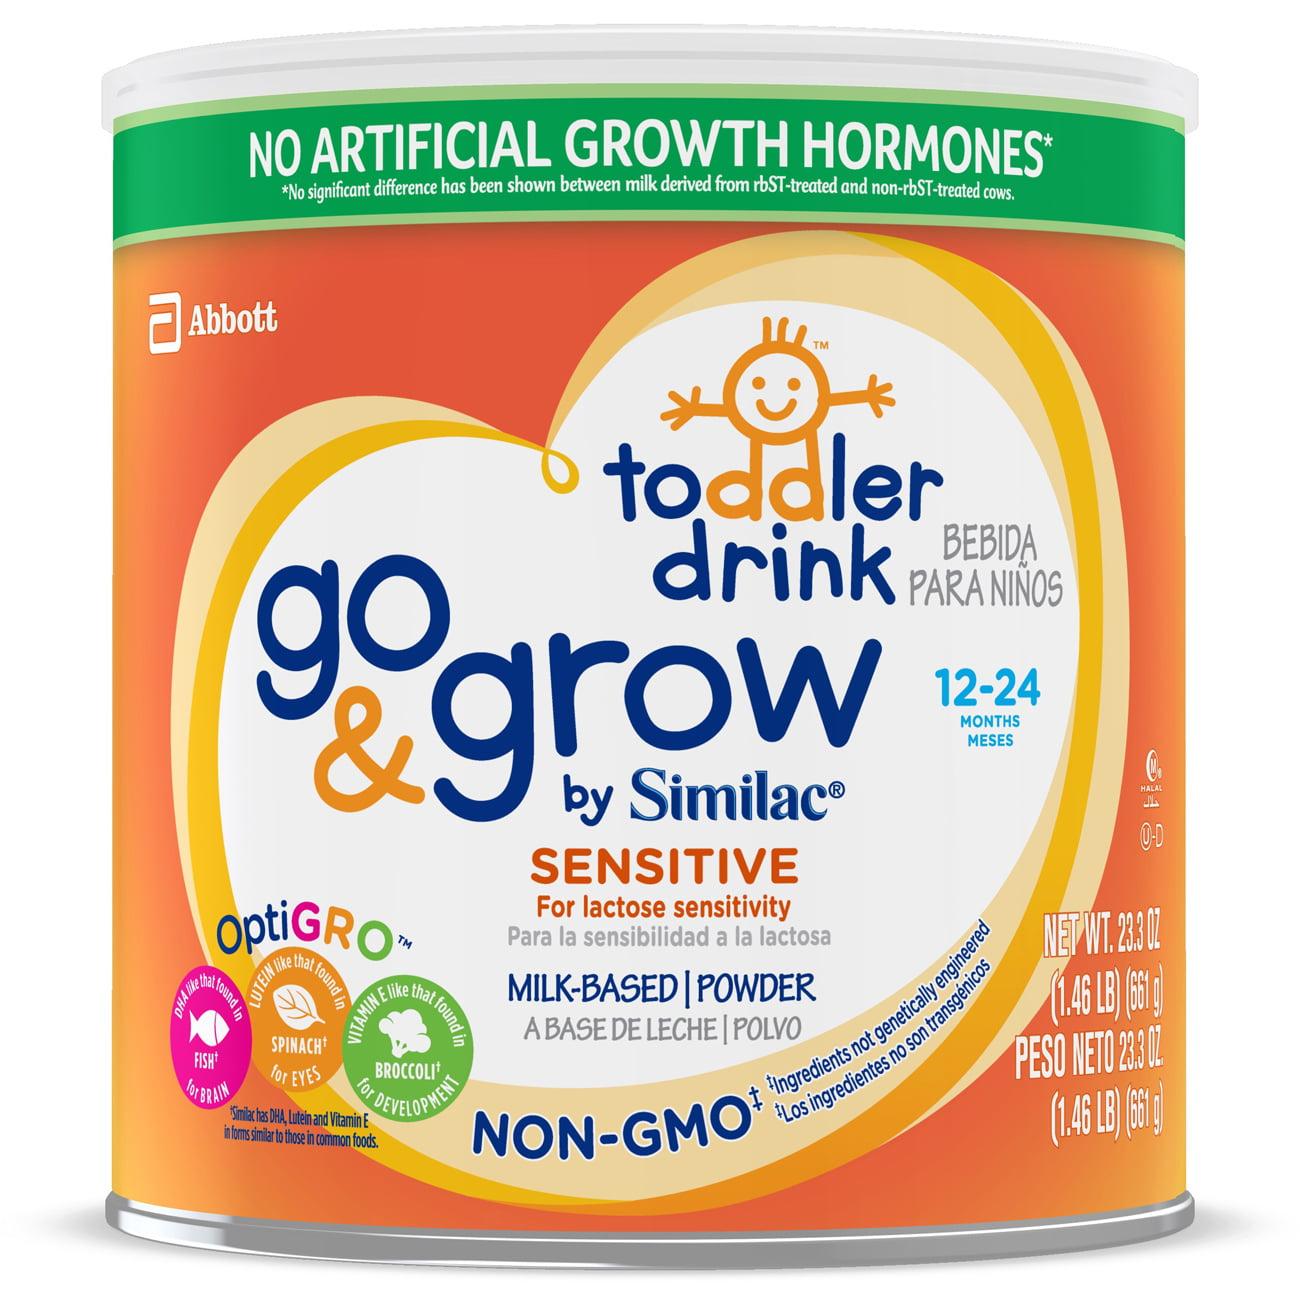 Go & Grow by Similac Sensitive Non-GMO Milk Based Toddler Drink, For Lactose Sensitivity, 24oz